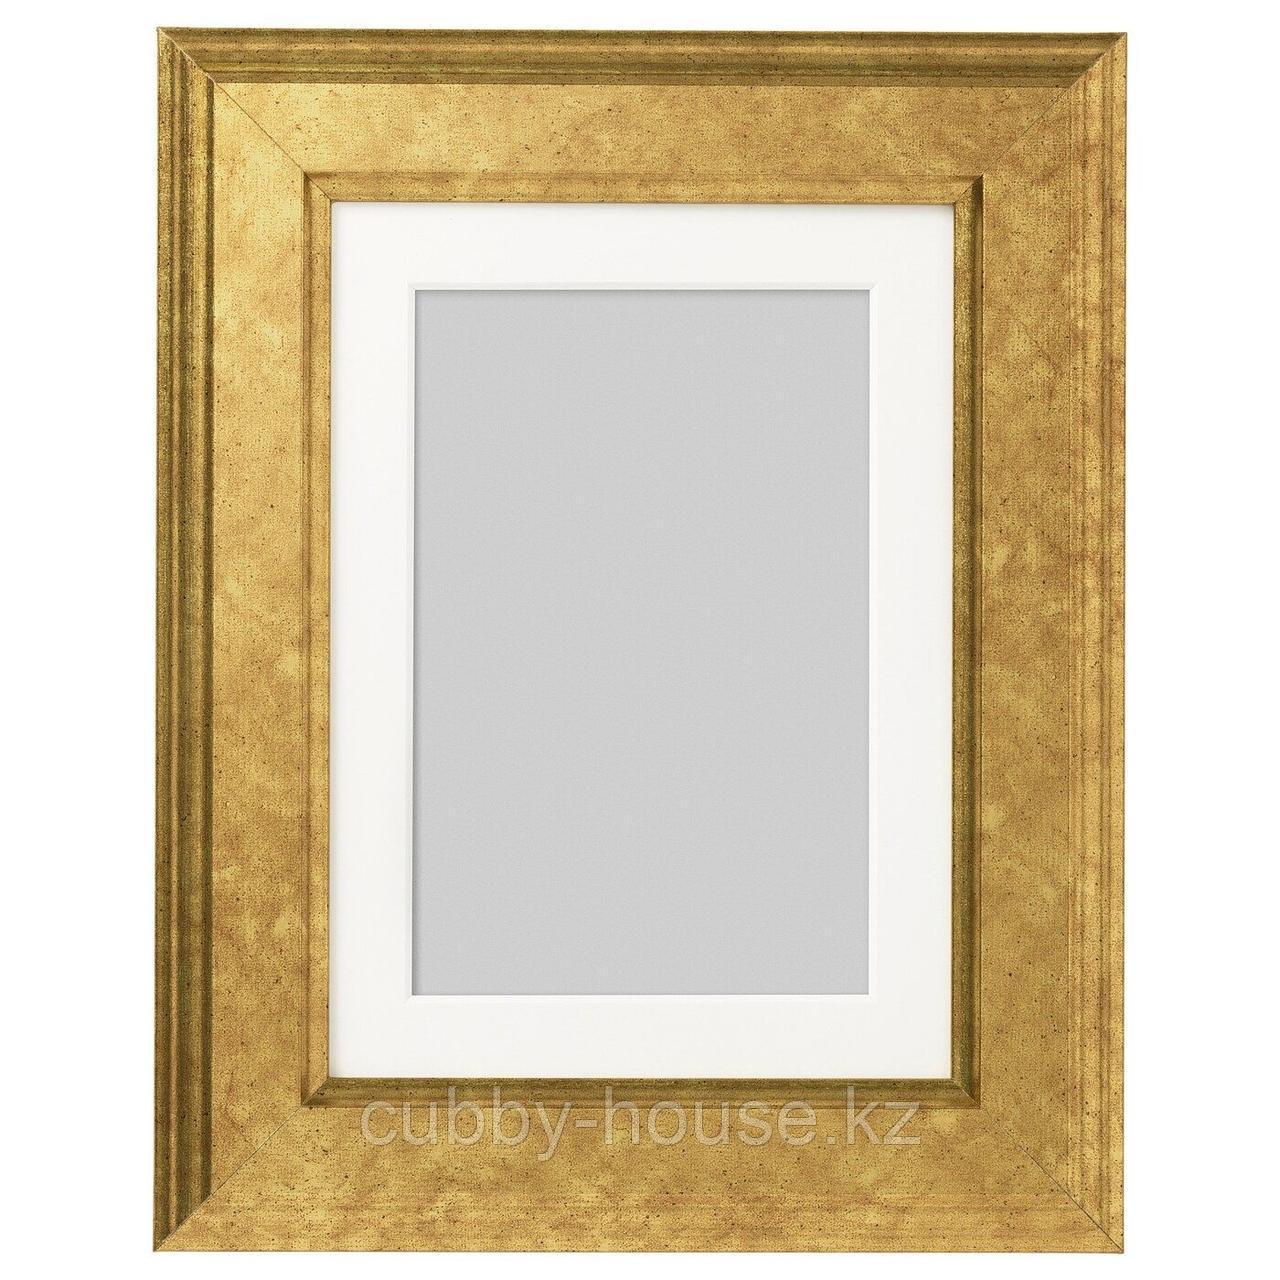 ВИРСЕРУМ Рама, золотой, 30x40 см